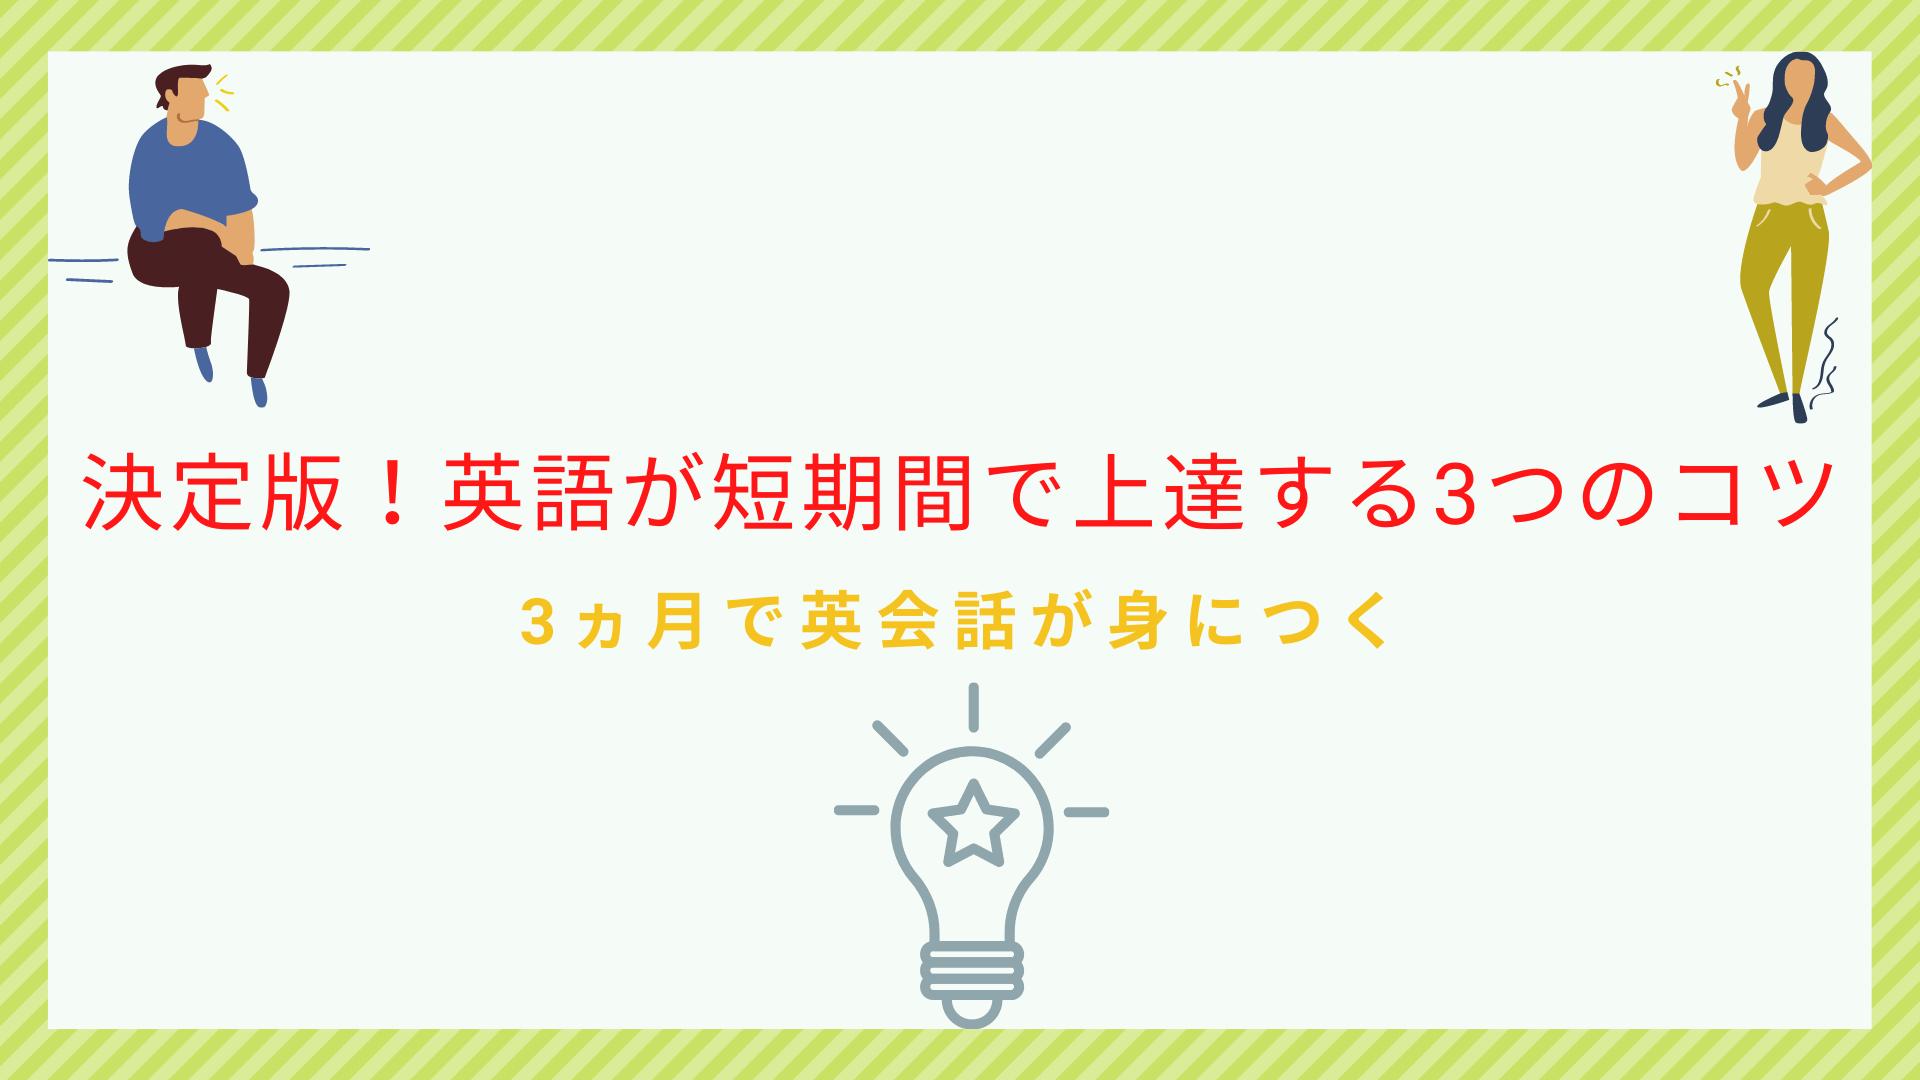 【決定版】英語が短期間で上達する3つのコツ|3ヵ月で英会話が身につく